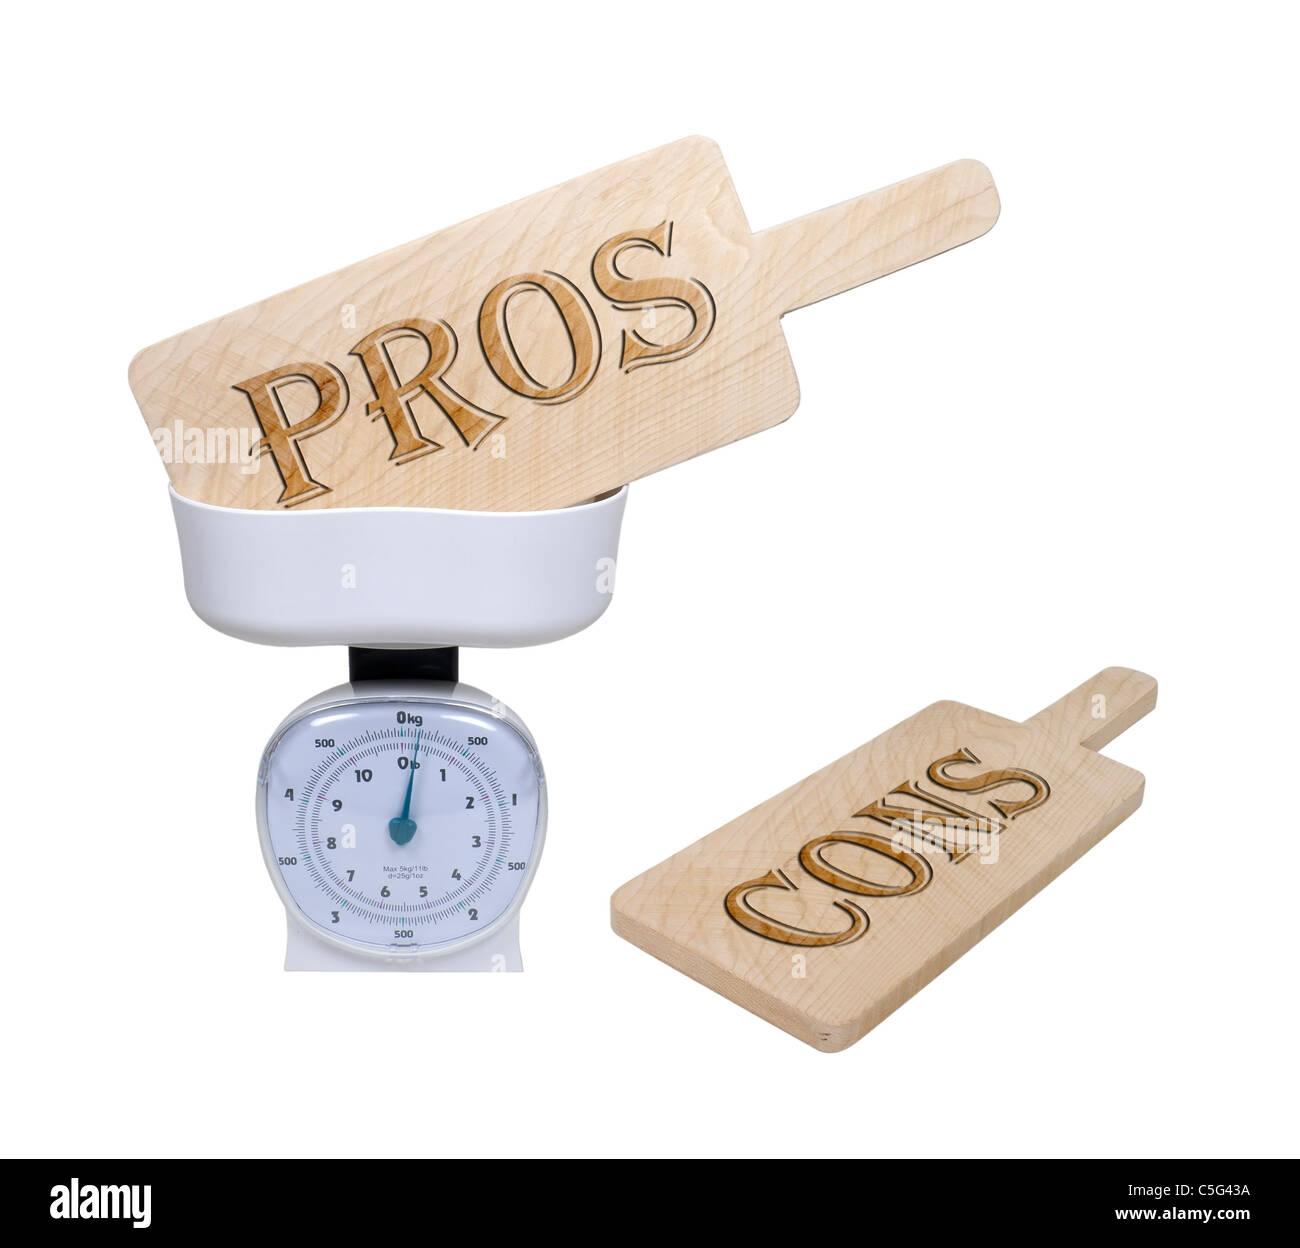 Pesant le pour et le contre illustré par pour et contre les panneaux en bois dans un panier d'- chemin Photo Stock